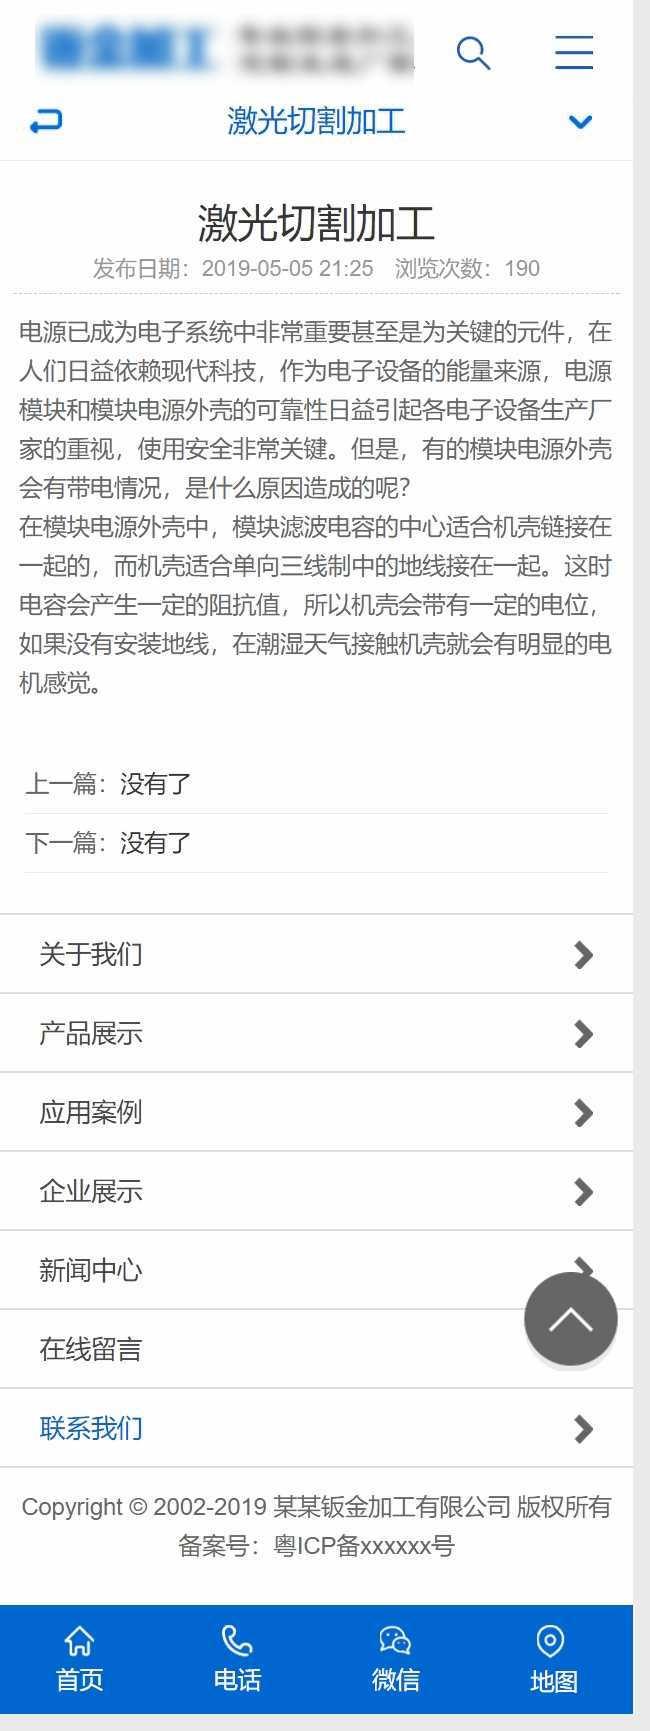 手机新闻内页